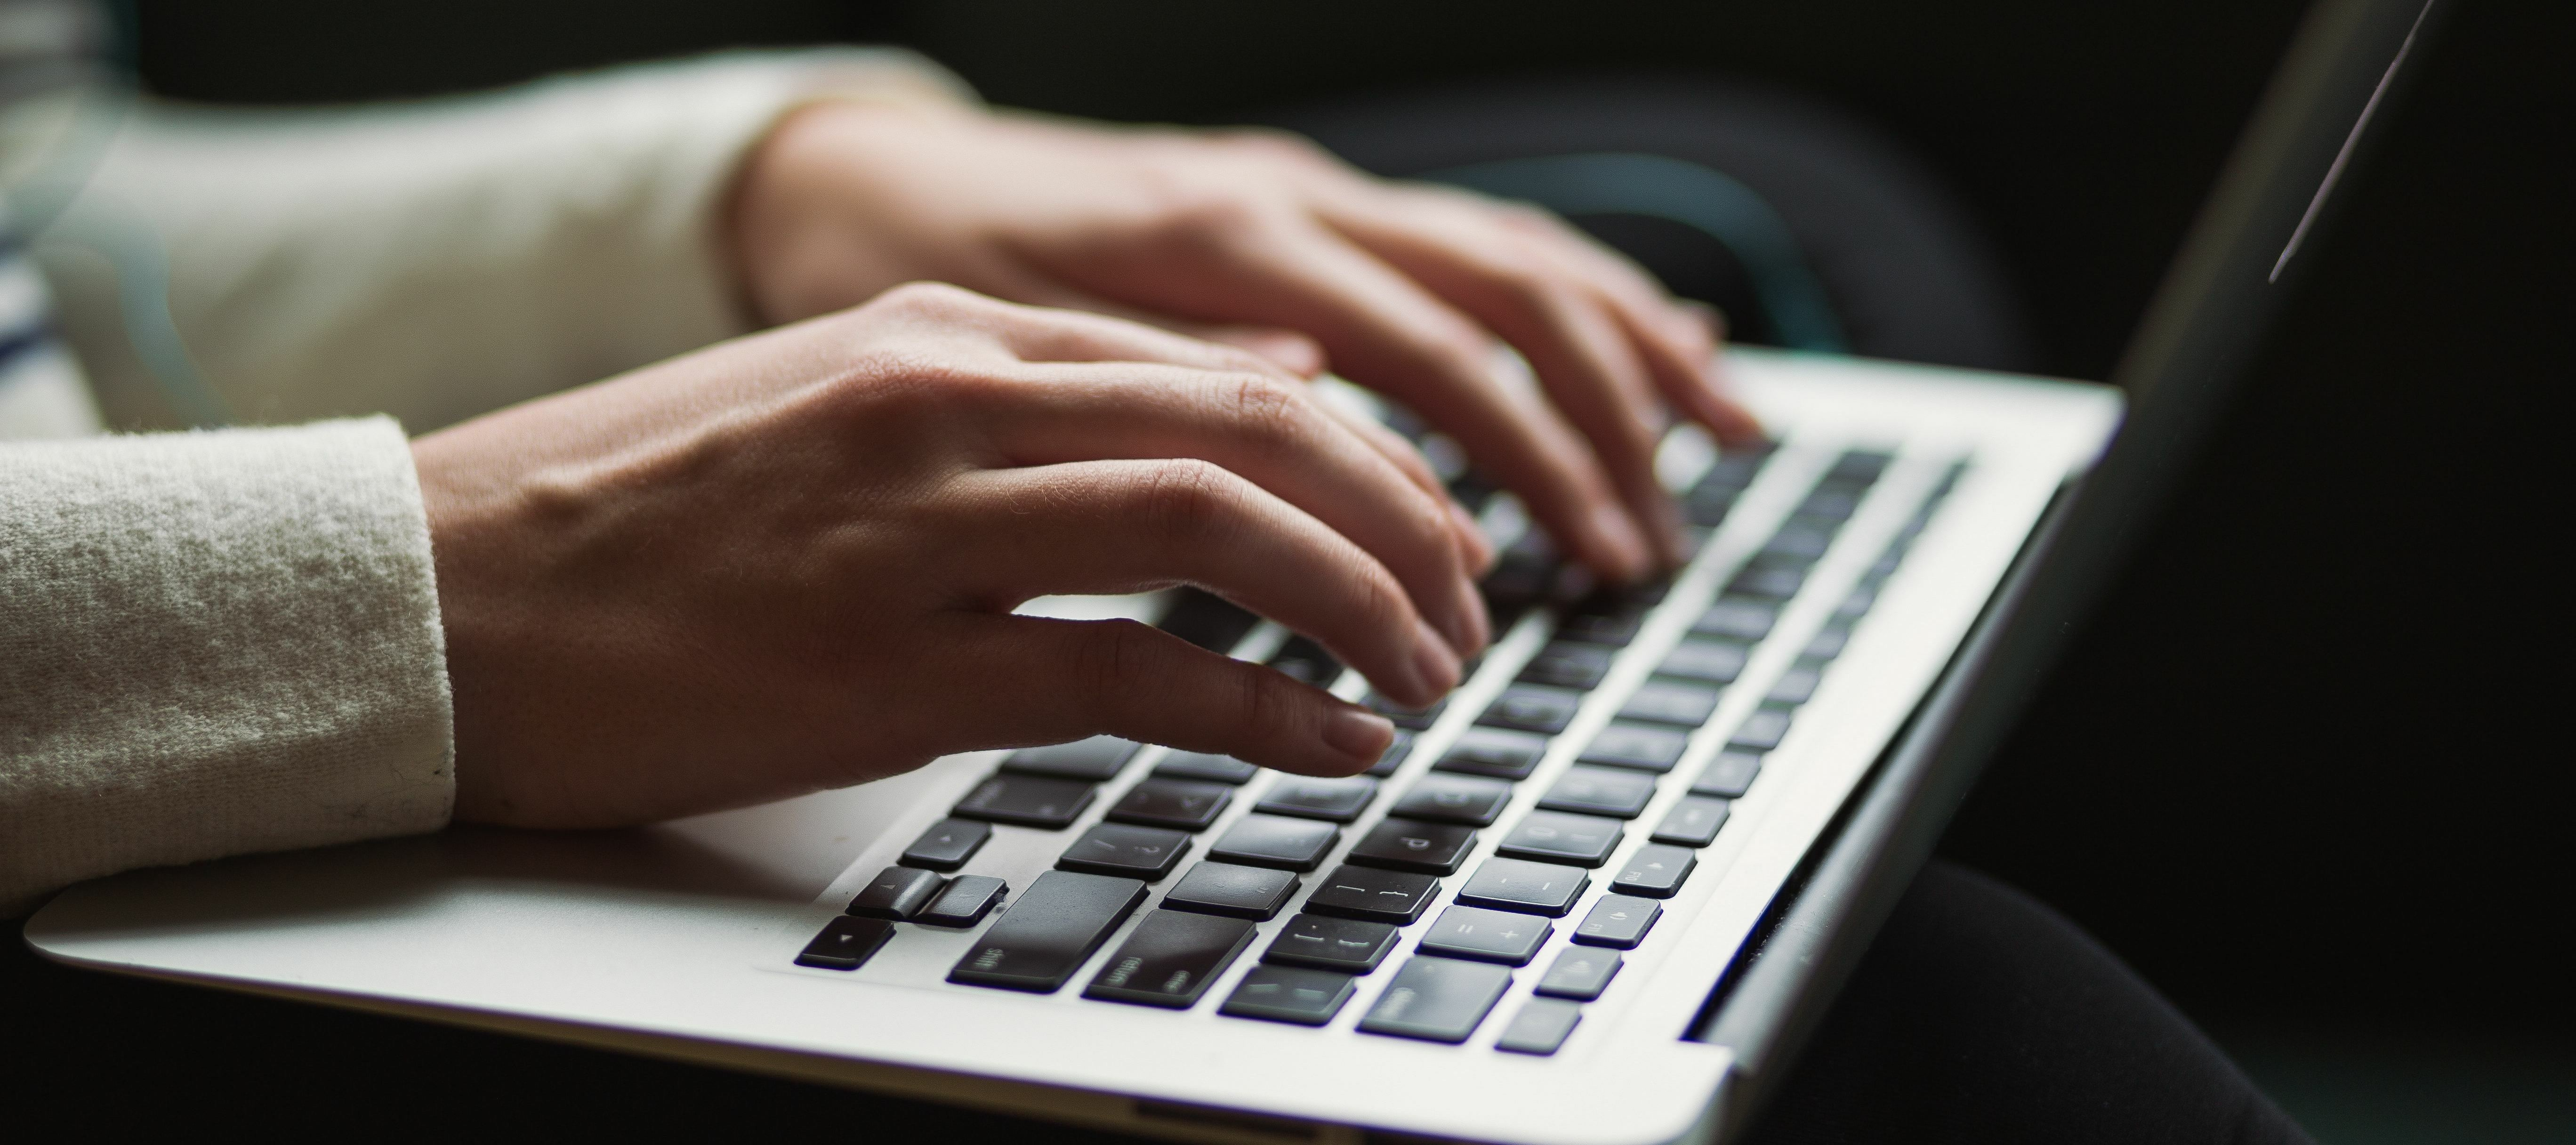 Kreativ austoben - Werde Autor deines persönlichen Community-Artikels!